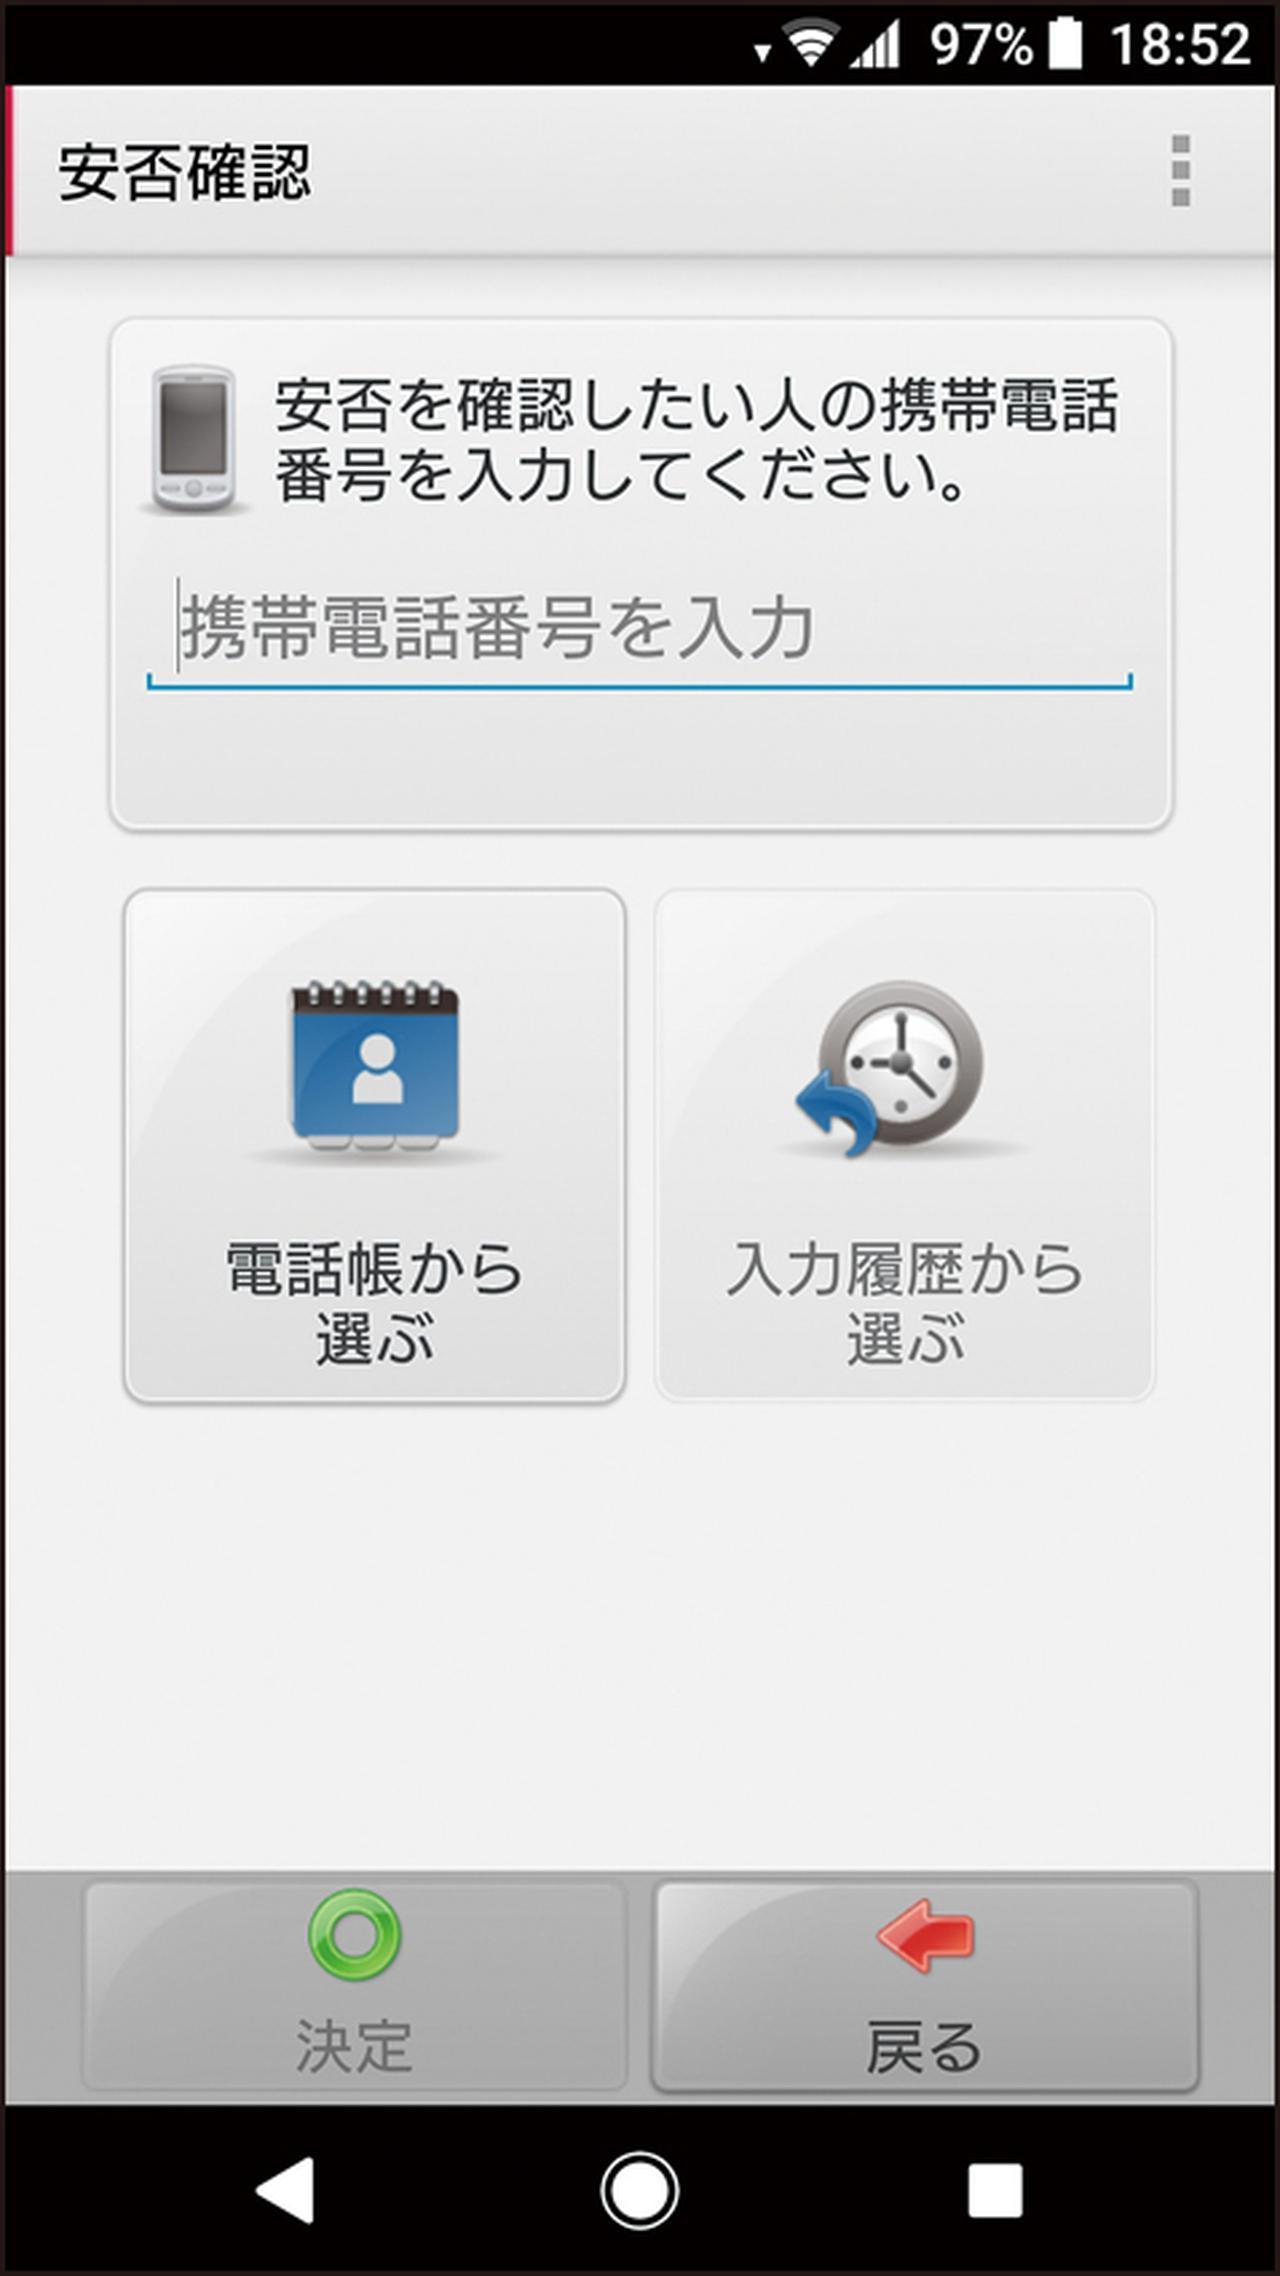 画像: 家族や友人の安否を確認したい場合は、携帯電話番号で検索。電話帳から引用することもできる。